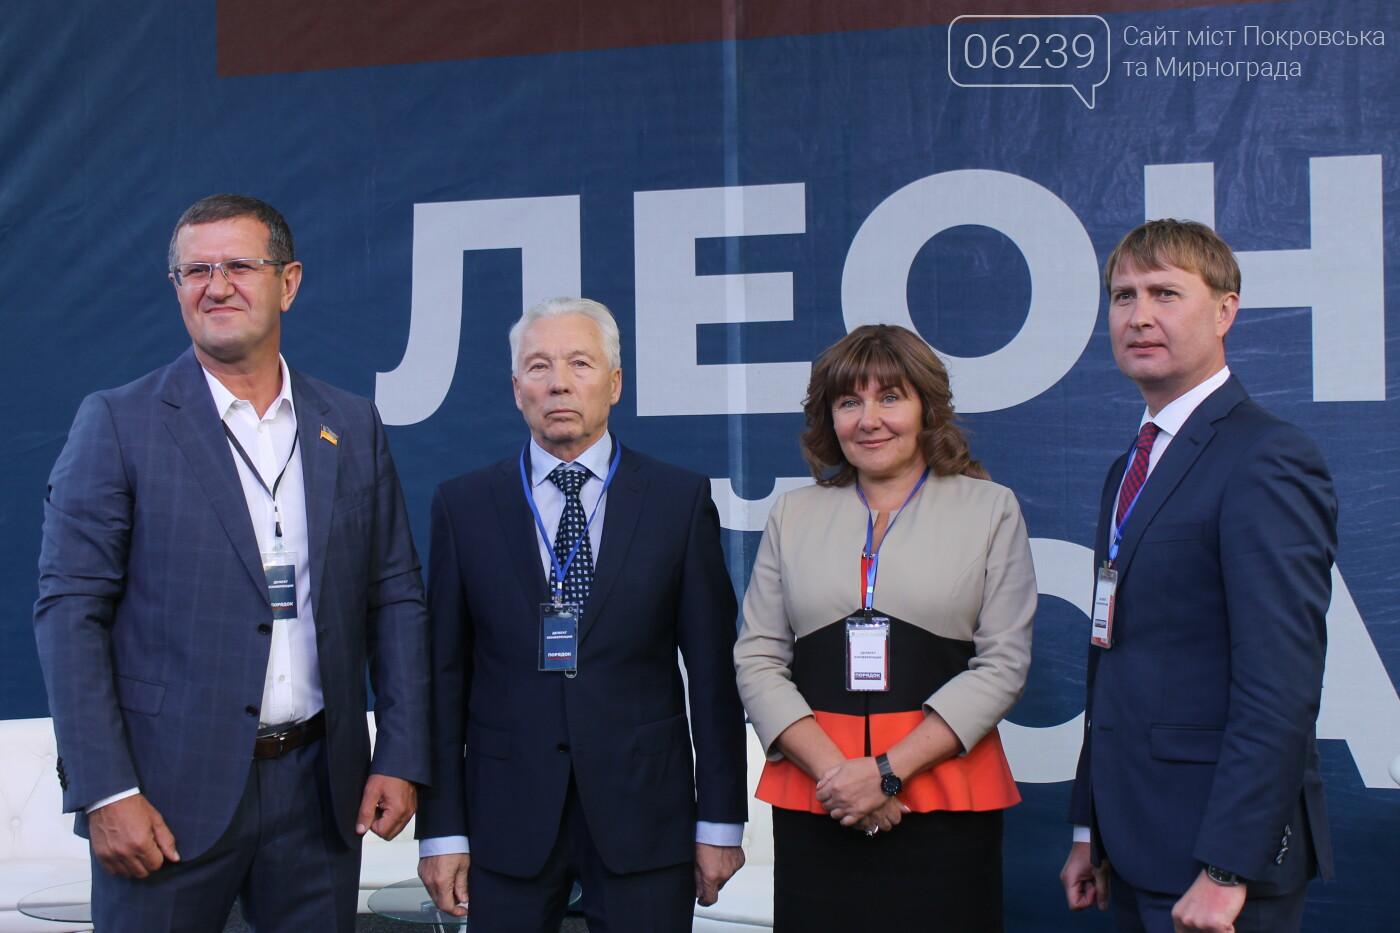 Состоялась объединенная областная конференция партии «Порядок», фото-3